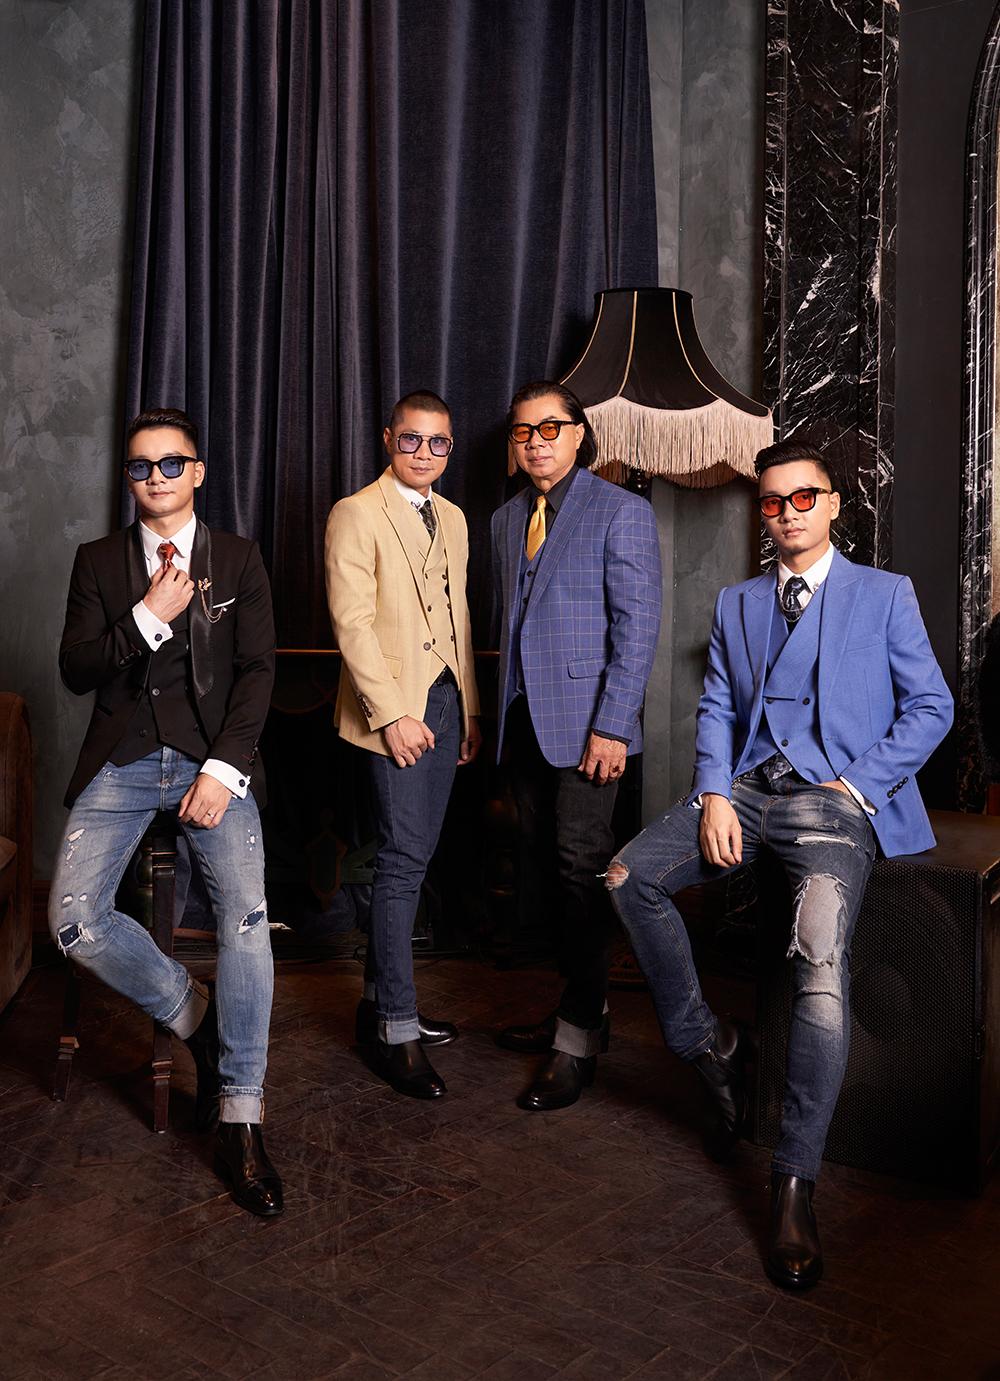 Ông Lê Xuân Tám (thứ hai từ trái sang) cùng các con sở hữu chuỗi thời trang hơn 130 cửa hàng Biluxury.